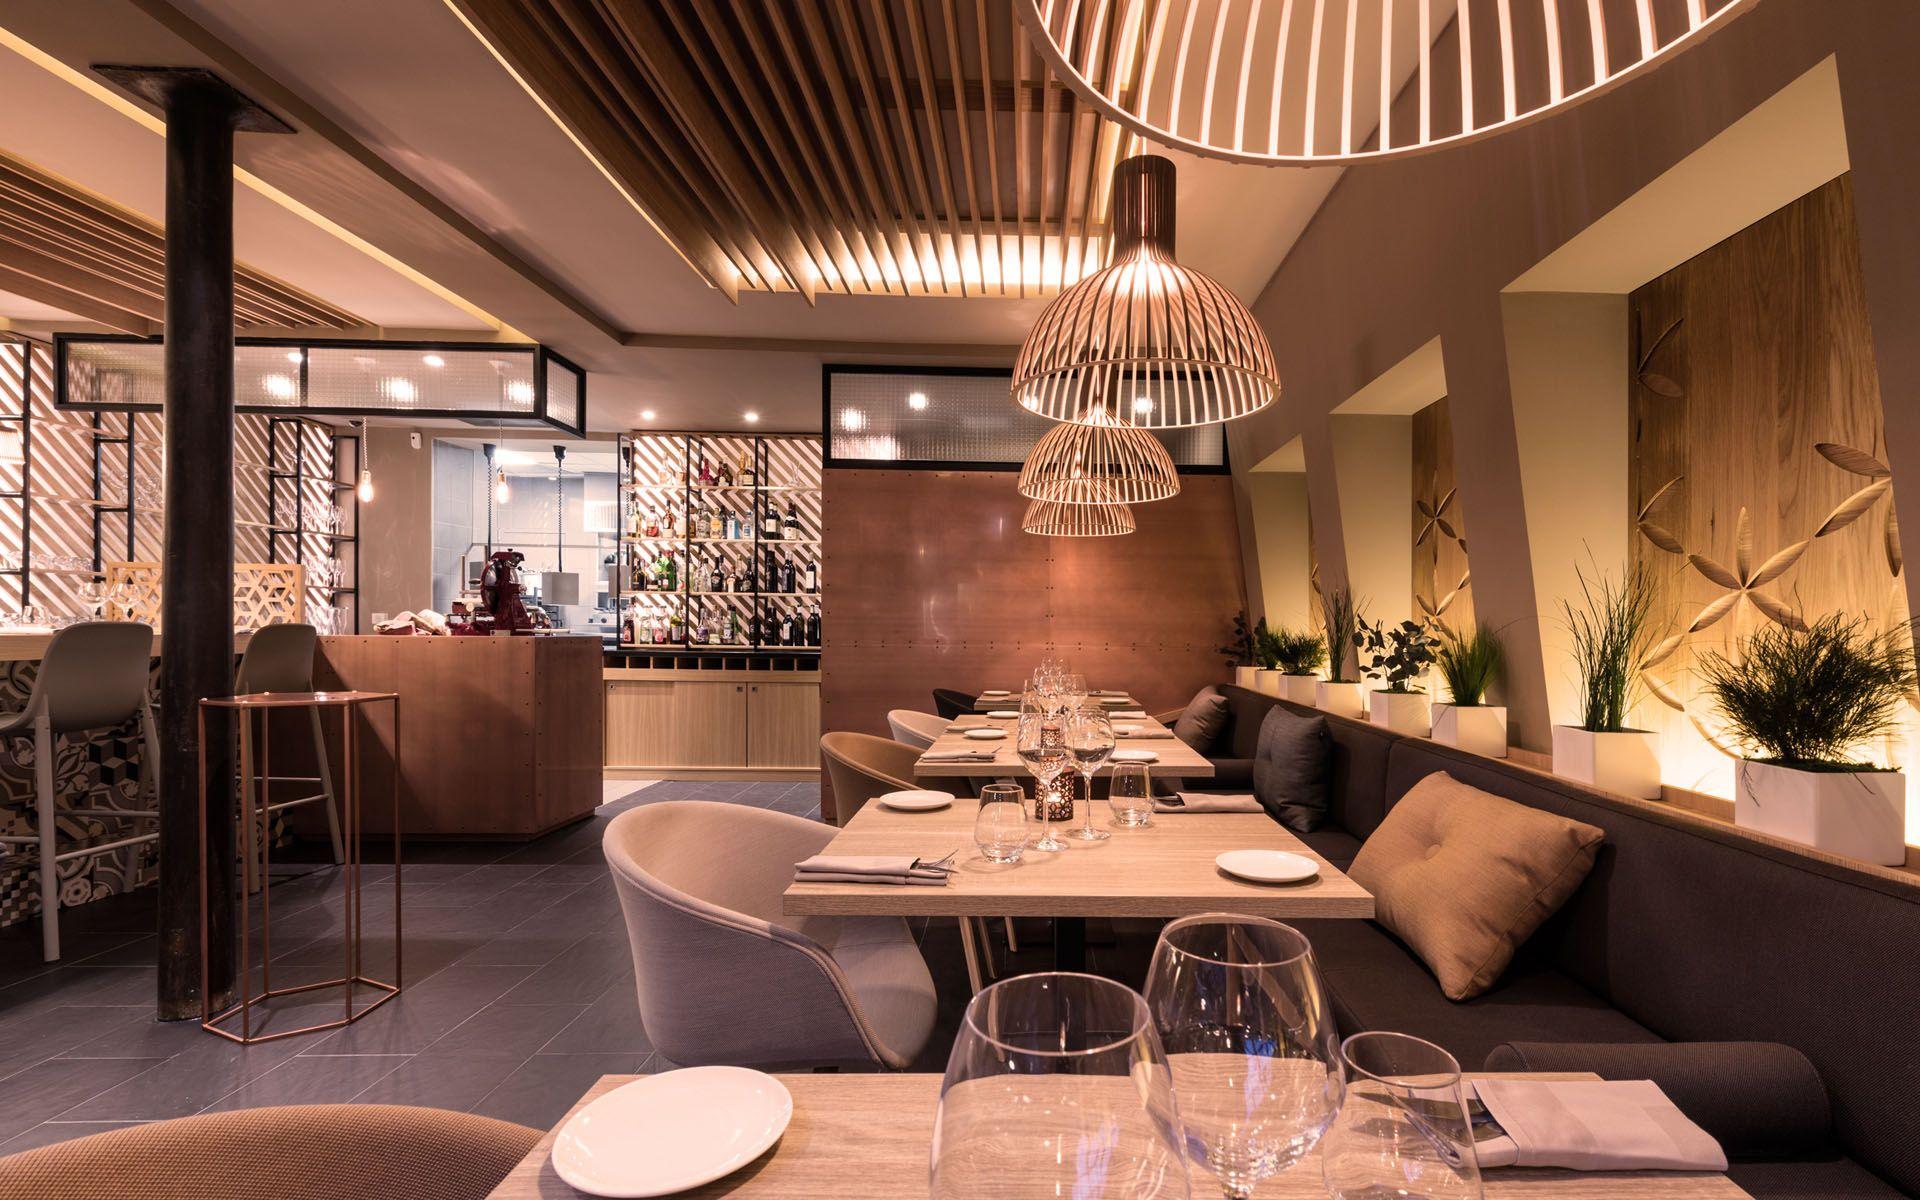 Restaurant Gastronomique Cote Cour Aix En Provence Par Red Banana Studio Designers Interieur De Restaurant Design Interieur Restaurant Interieur Bistro